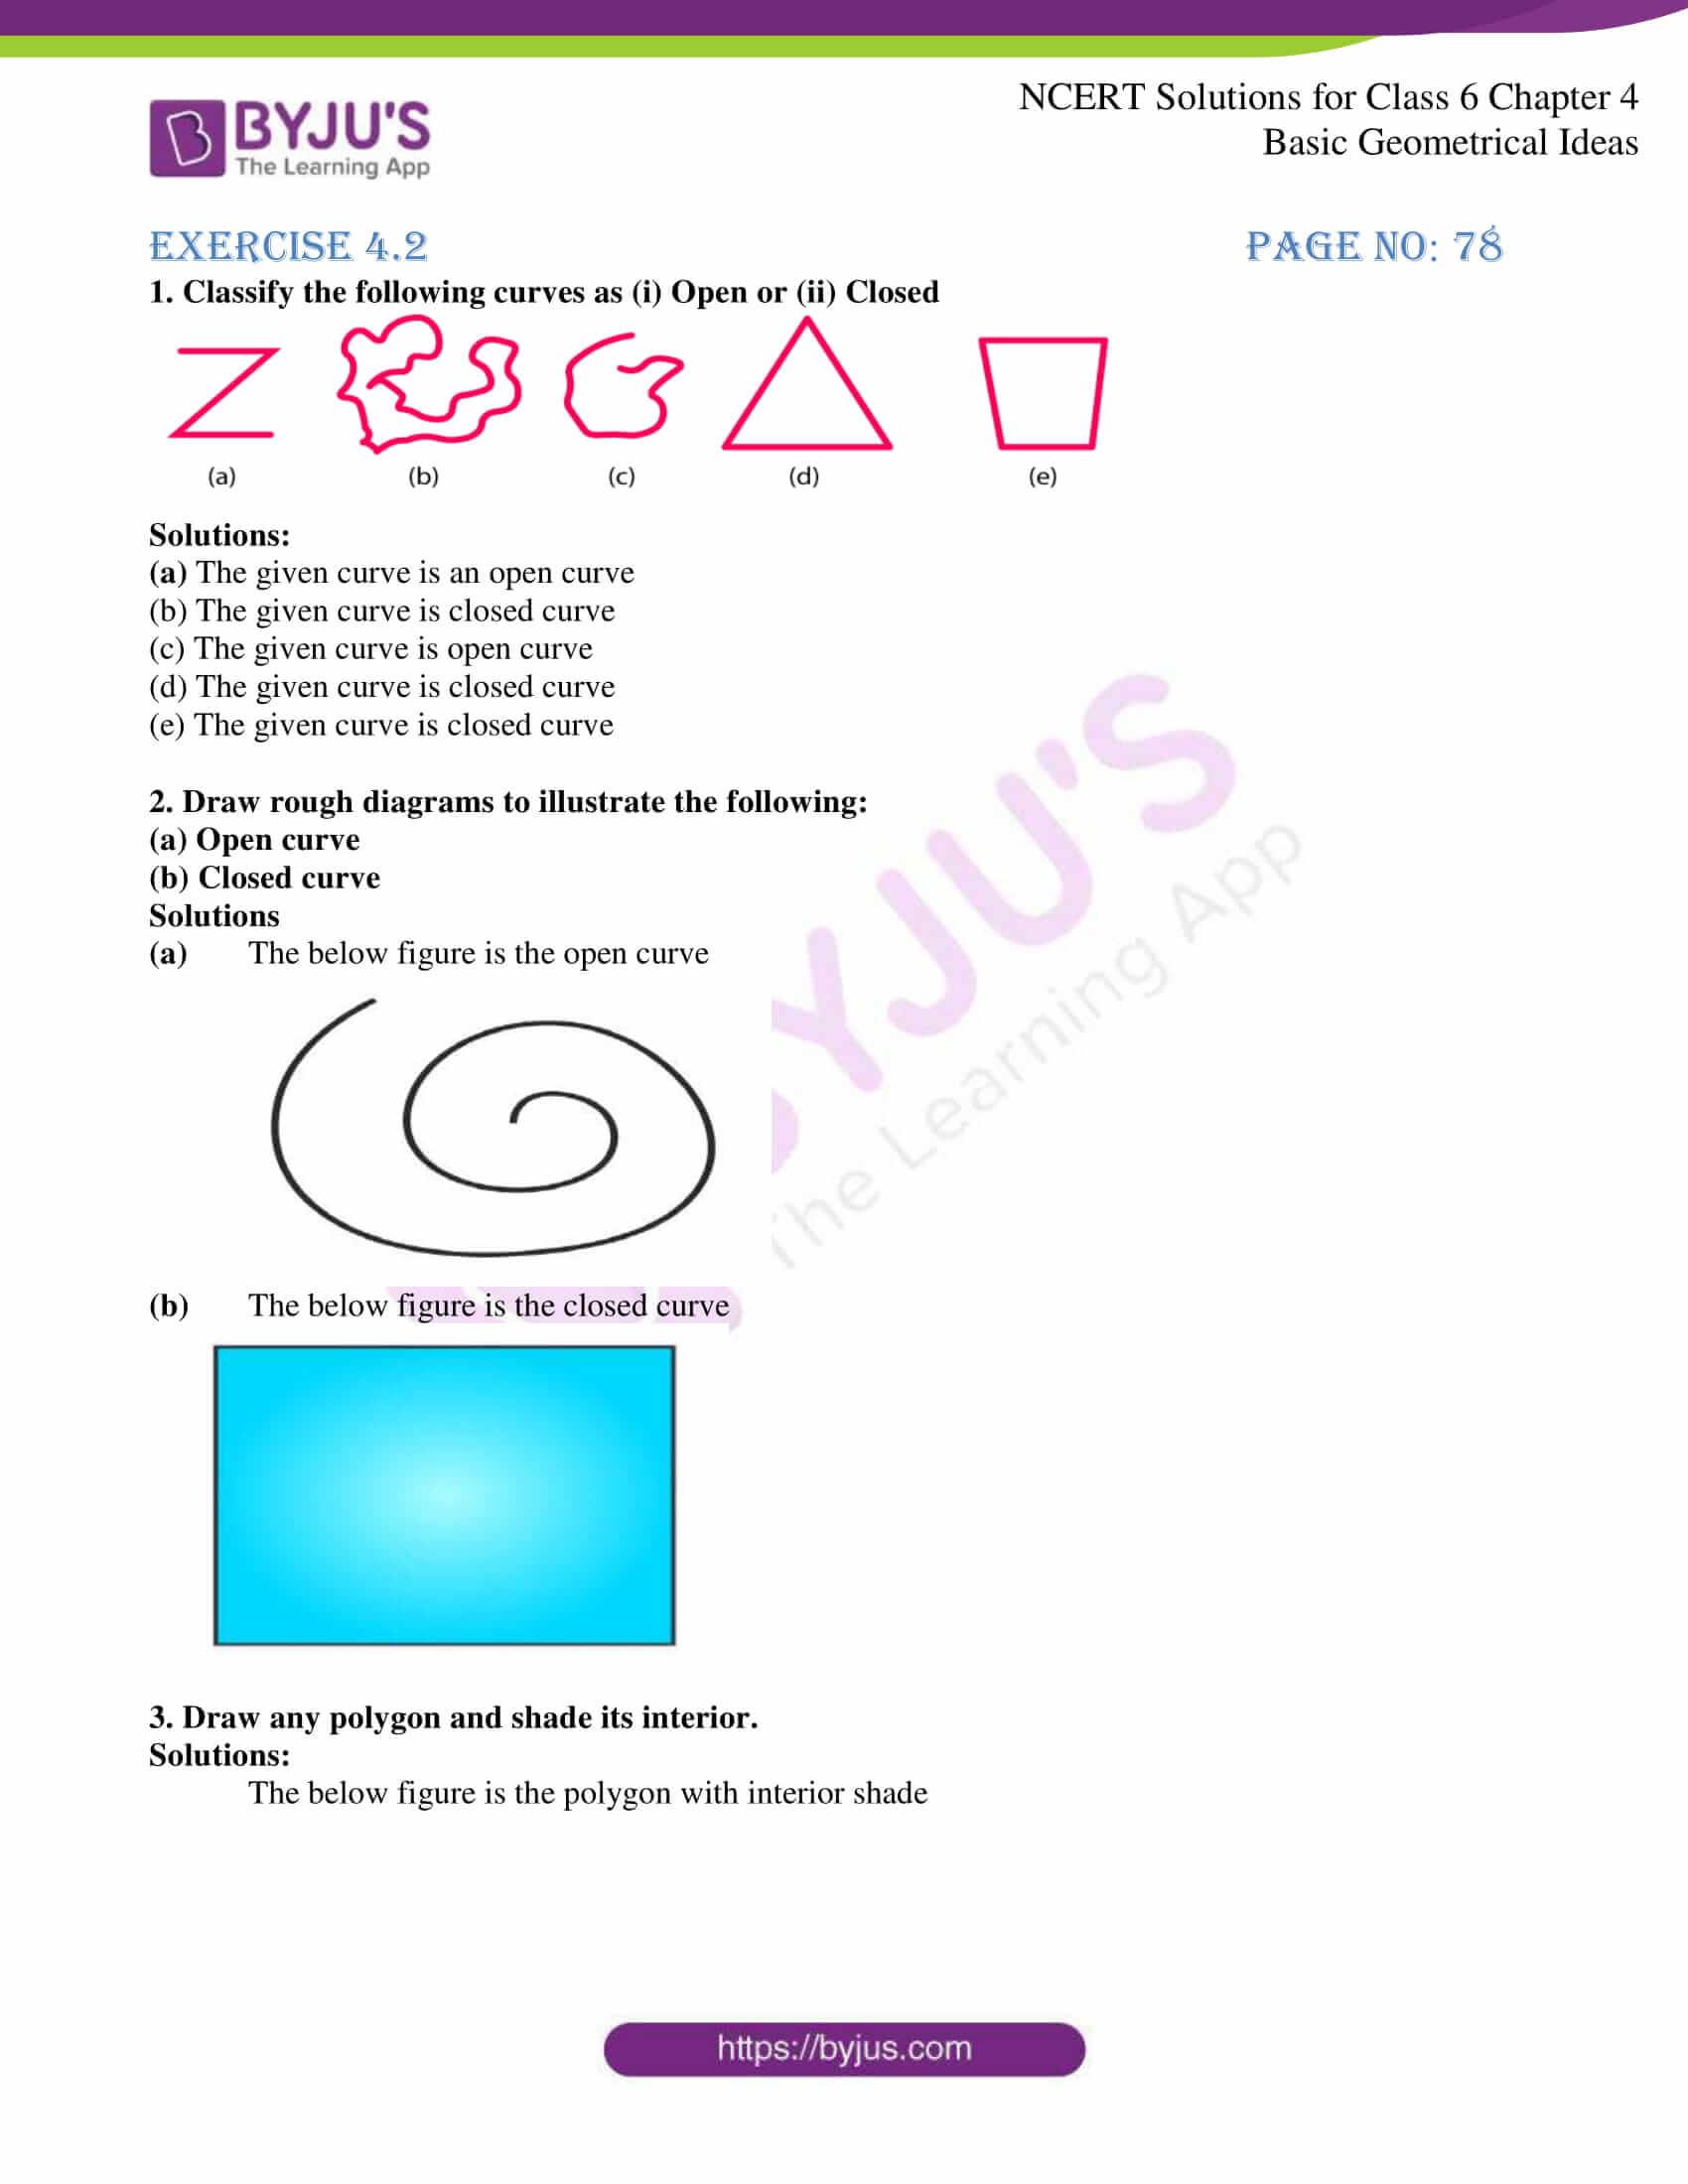 NCERT Solutions Class 6 Maths Chapter 4 Basic Geometrical